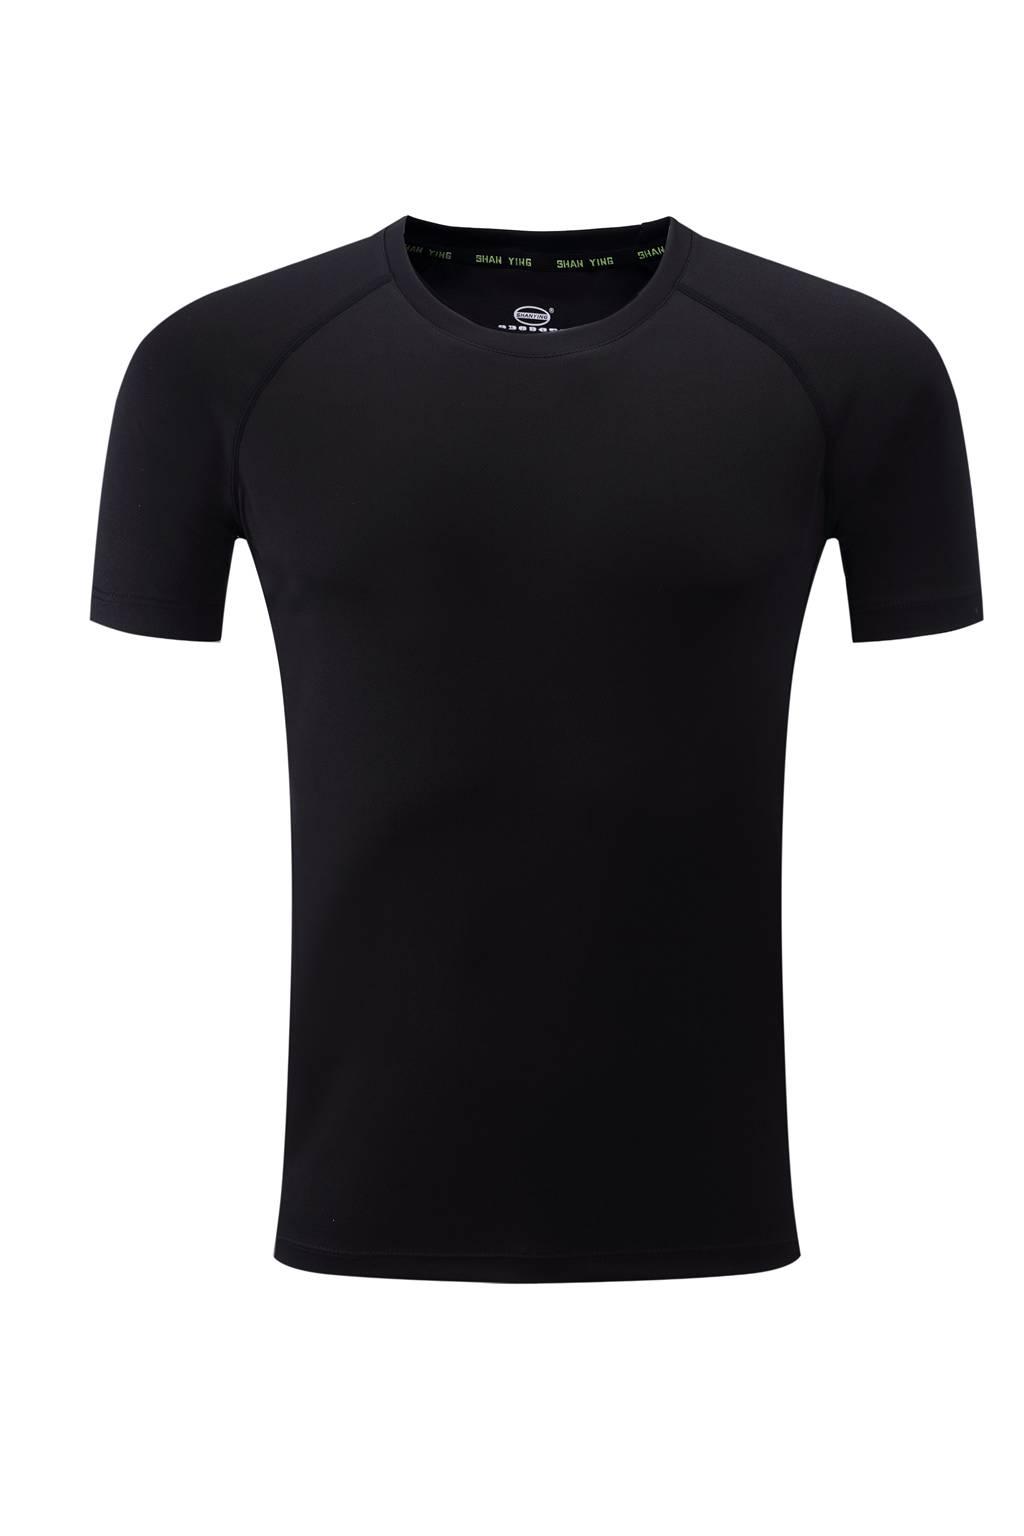 高档速干T恤  男女情侣衫  黑色3D图